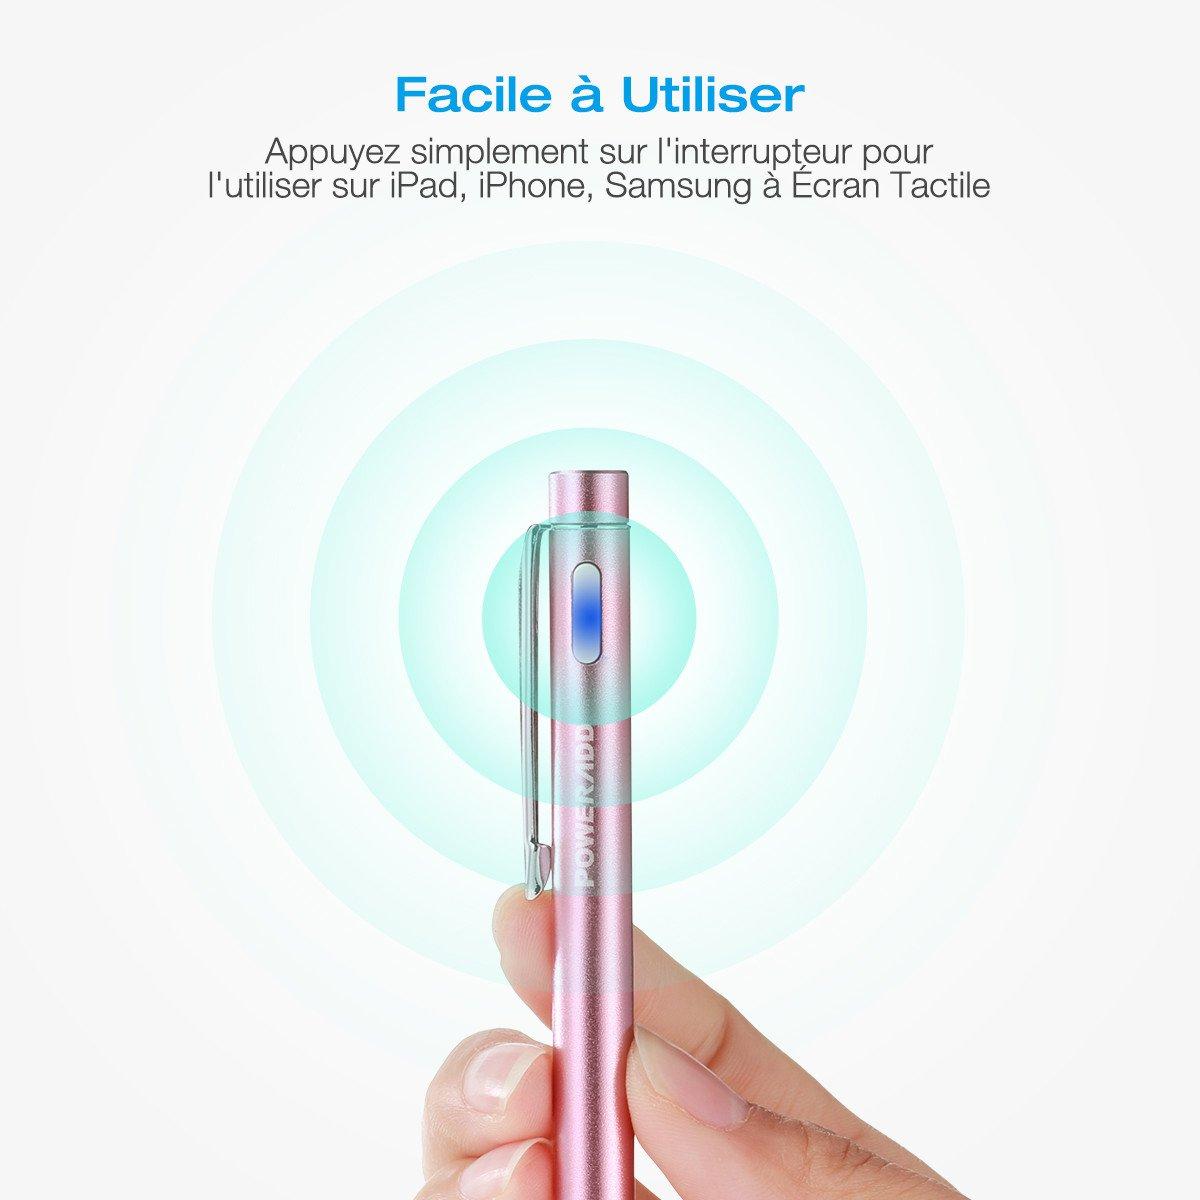 Poweradd Stylus Actif, Haute Précision Stylo Capacitif Universel pour les Appareils iOS / Android / Microsoft à Ecran Tactile, Rose